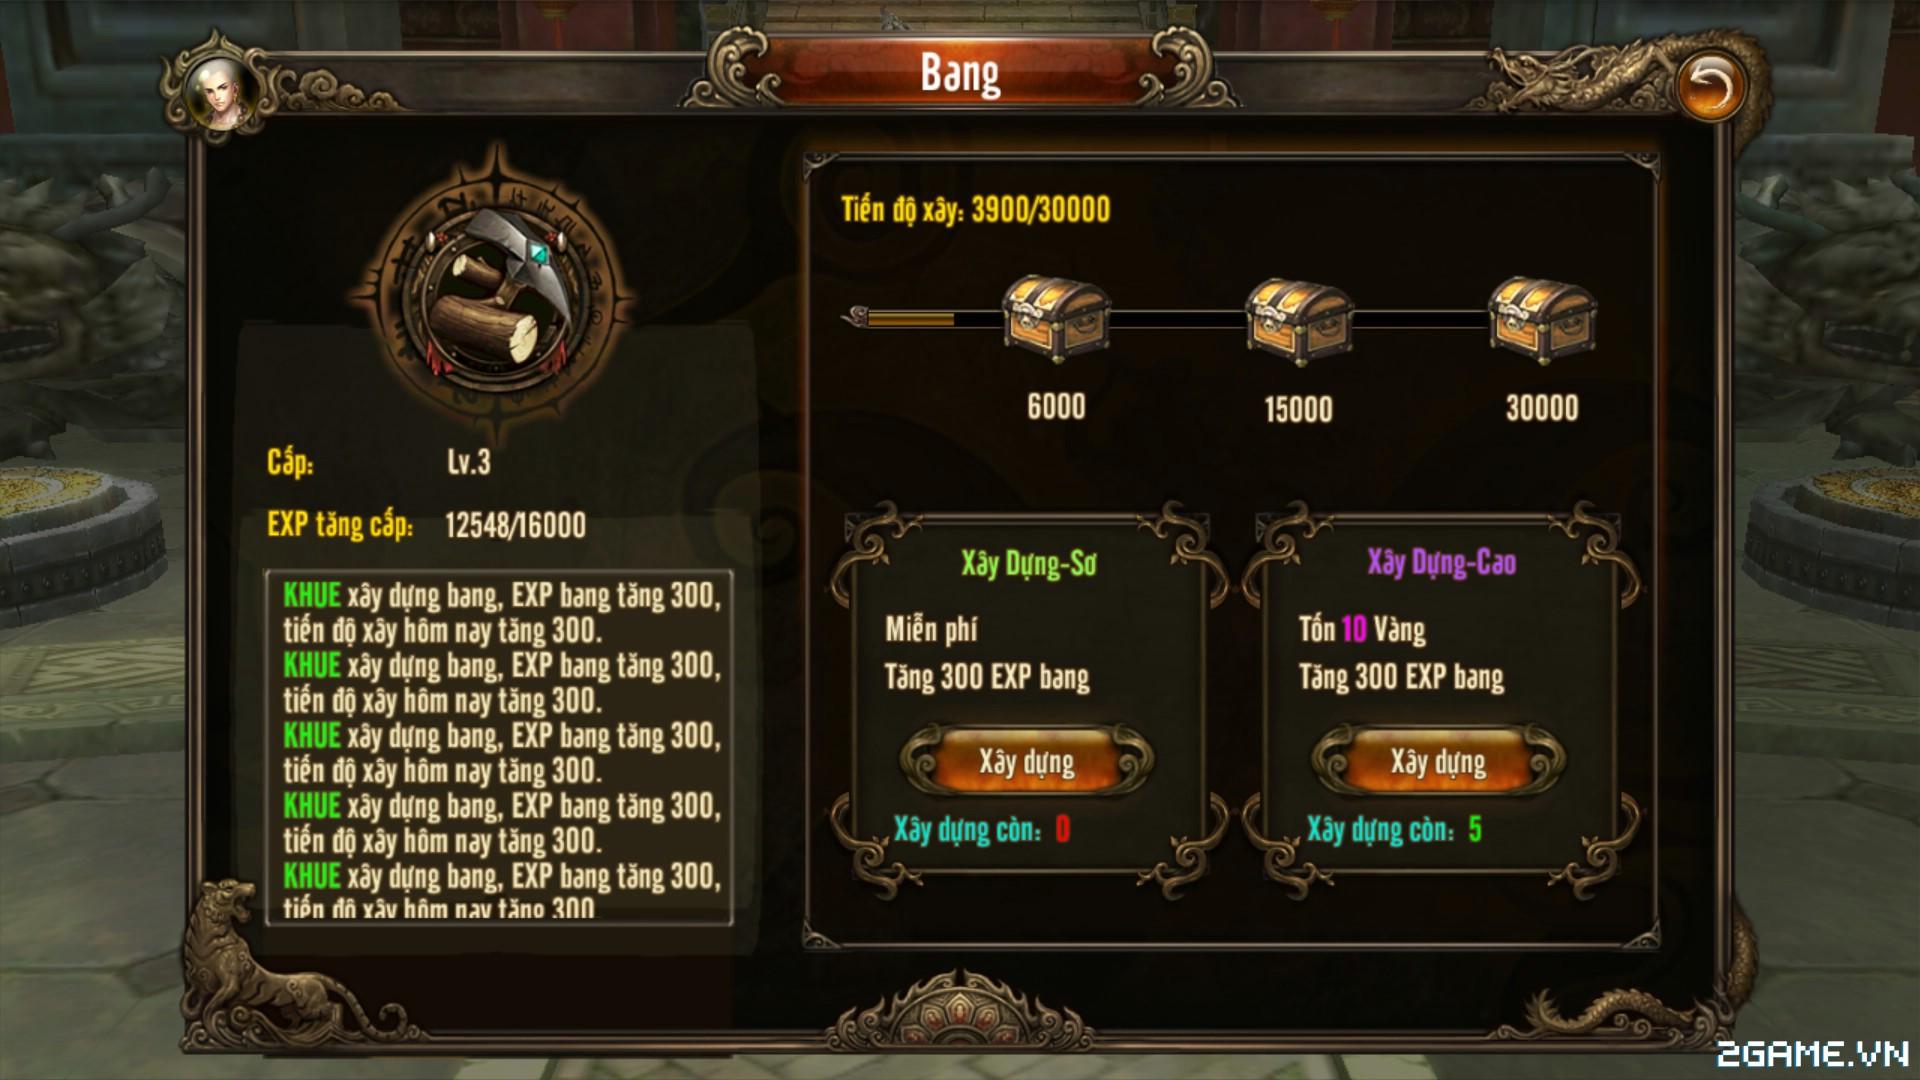 Kungfu Chi Vương - Tìm hiểu Kỹ năng tăng cấp bang 1